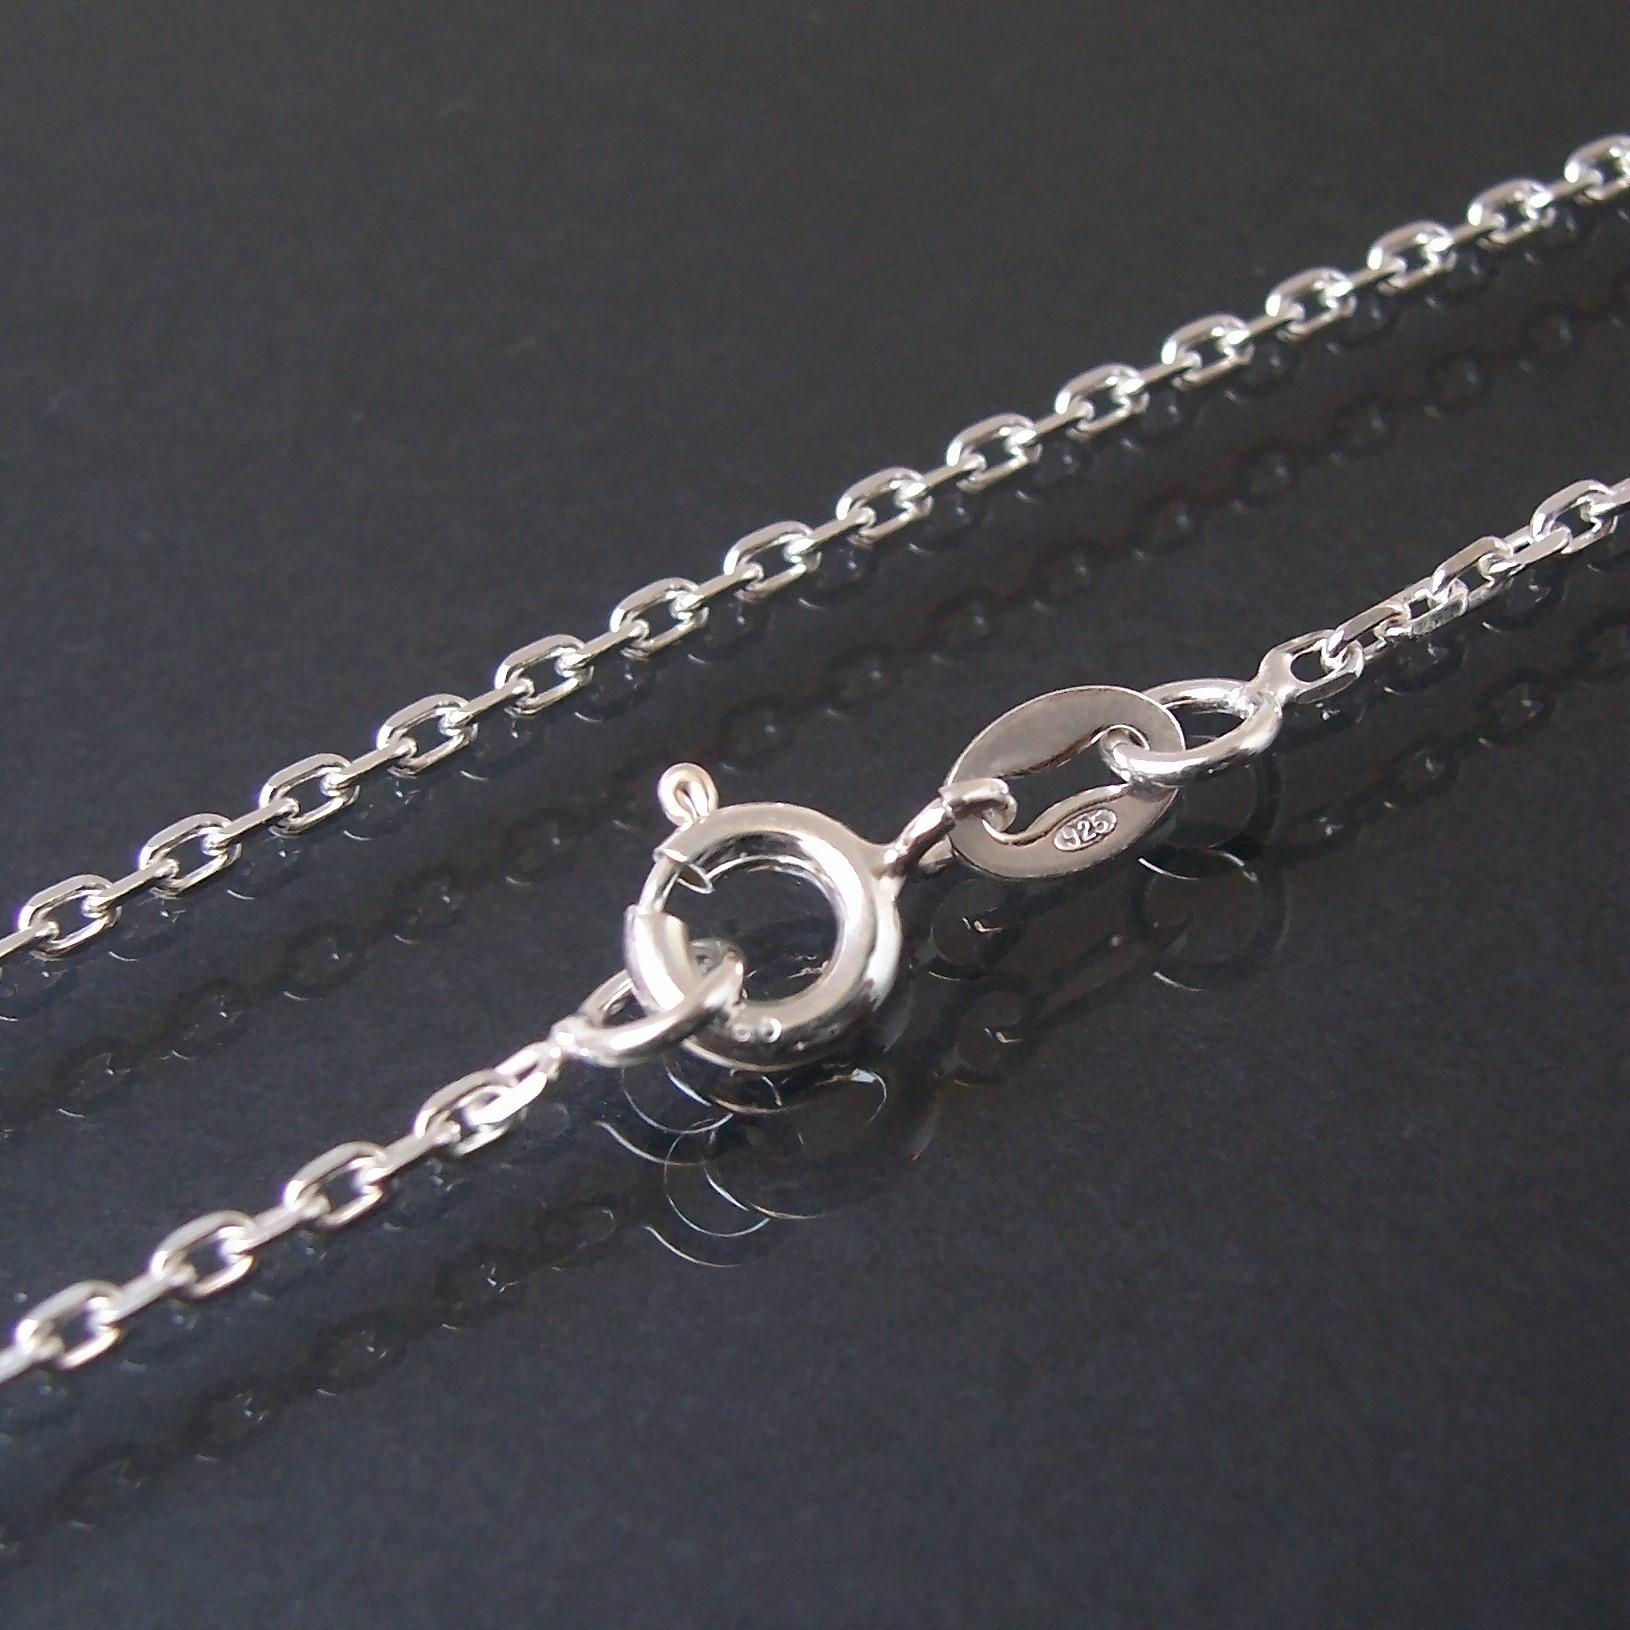 Kette Ankerkette 925 Silber 1,6mm Niklarson Halskette 40cm 18116-40